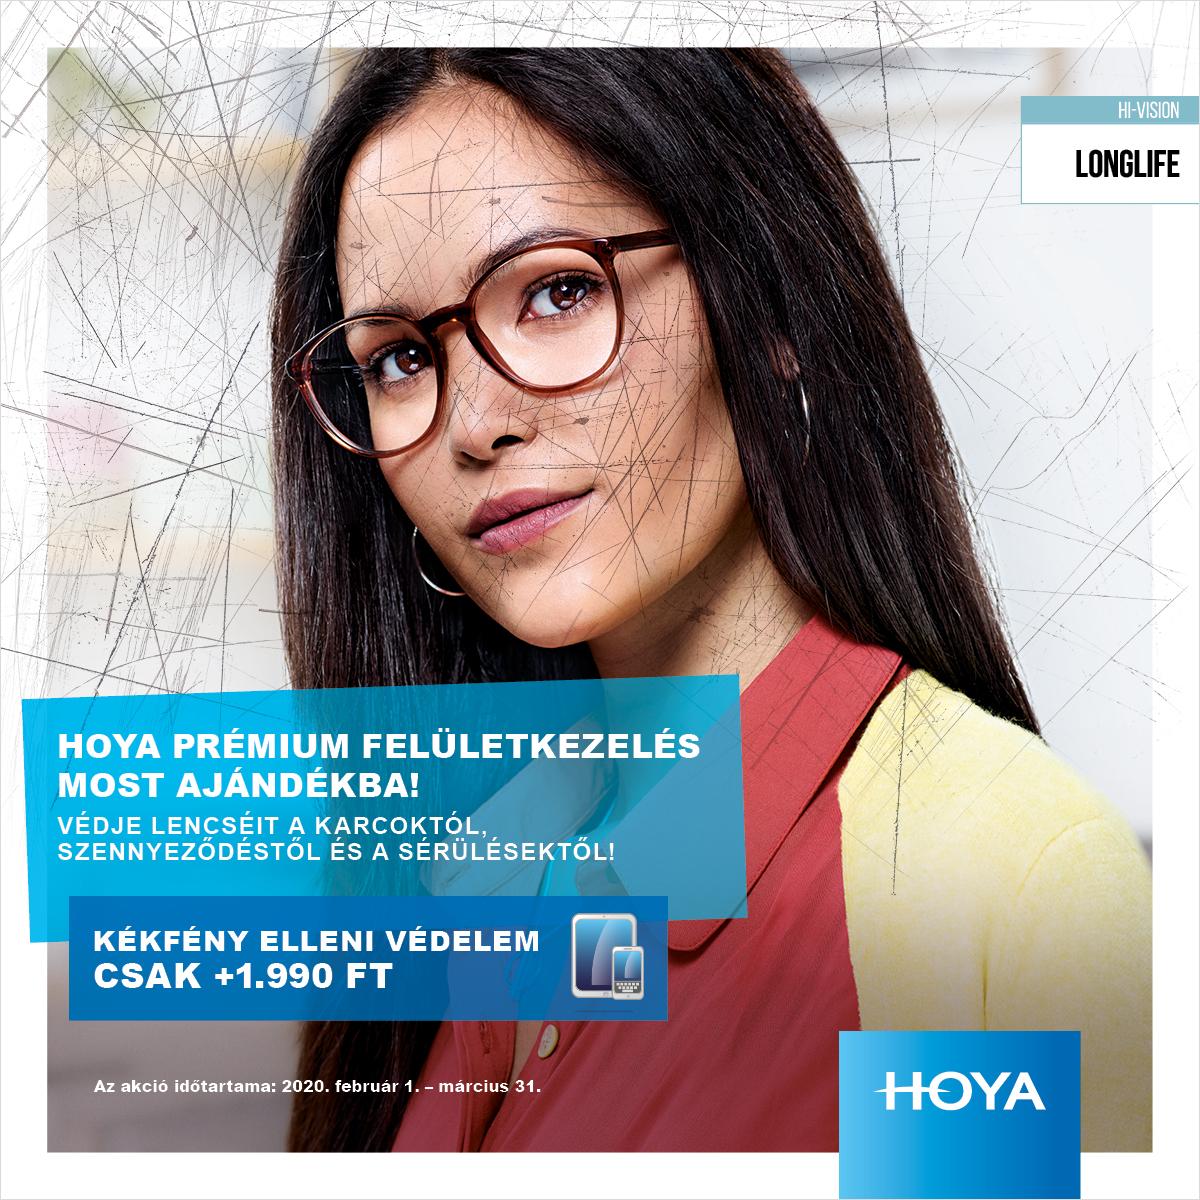 HVLL_2020_fb_poszt_hoya